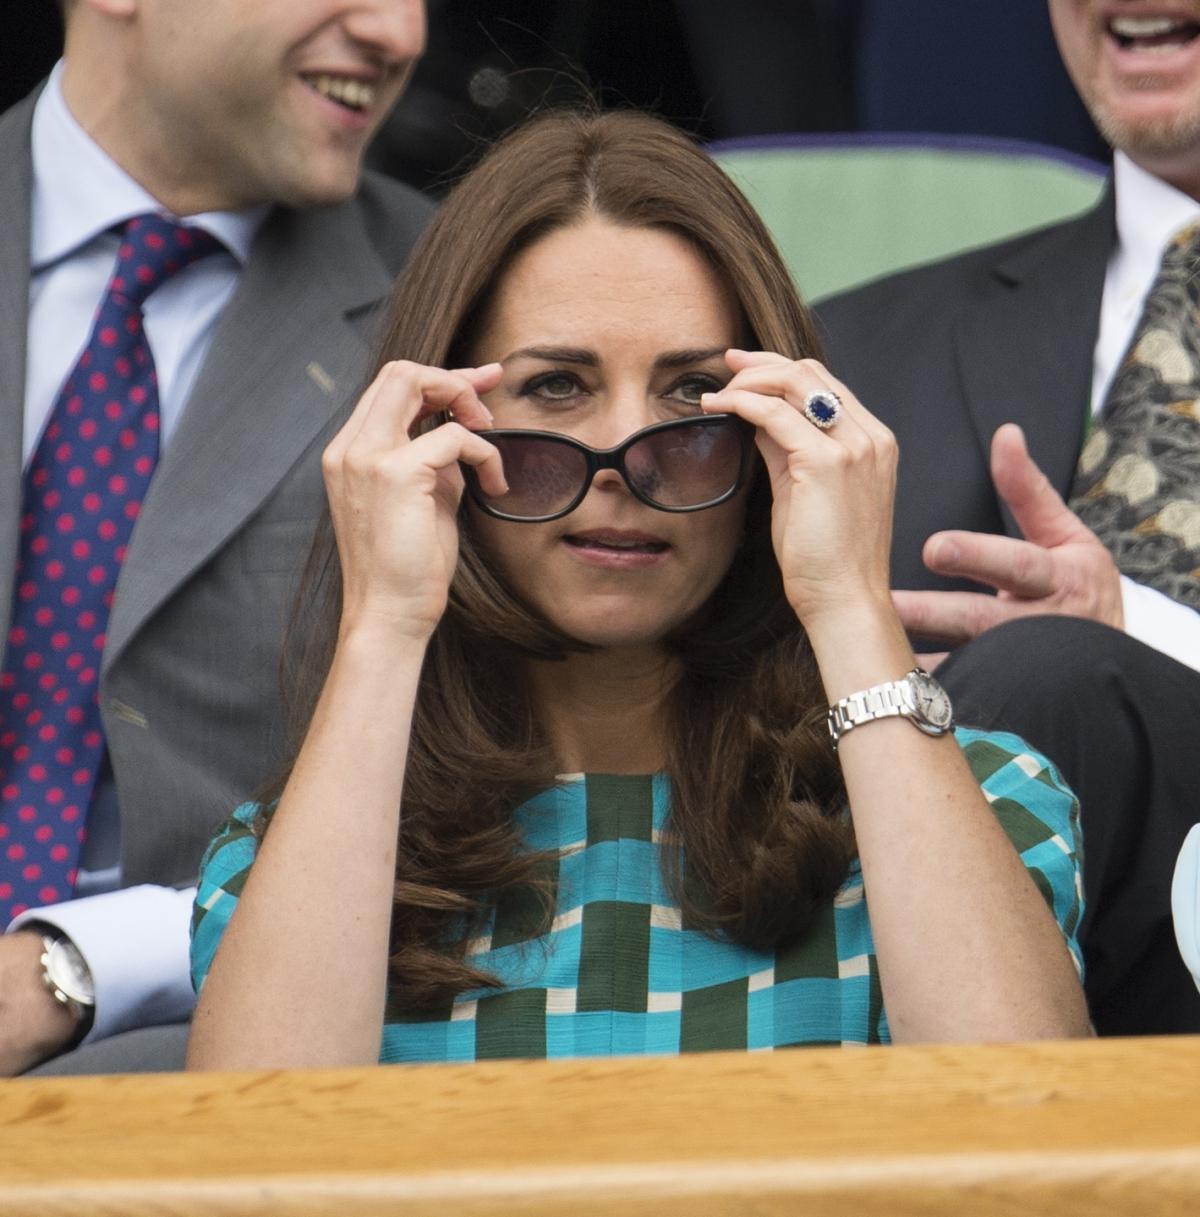 Pierścionek Zaręczynowy Kate Middleton Miała Dostać Meghan Markle